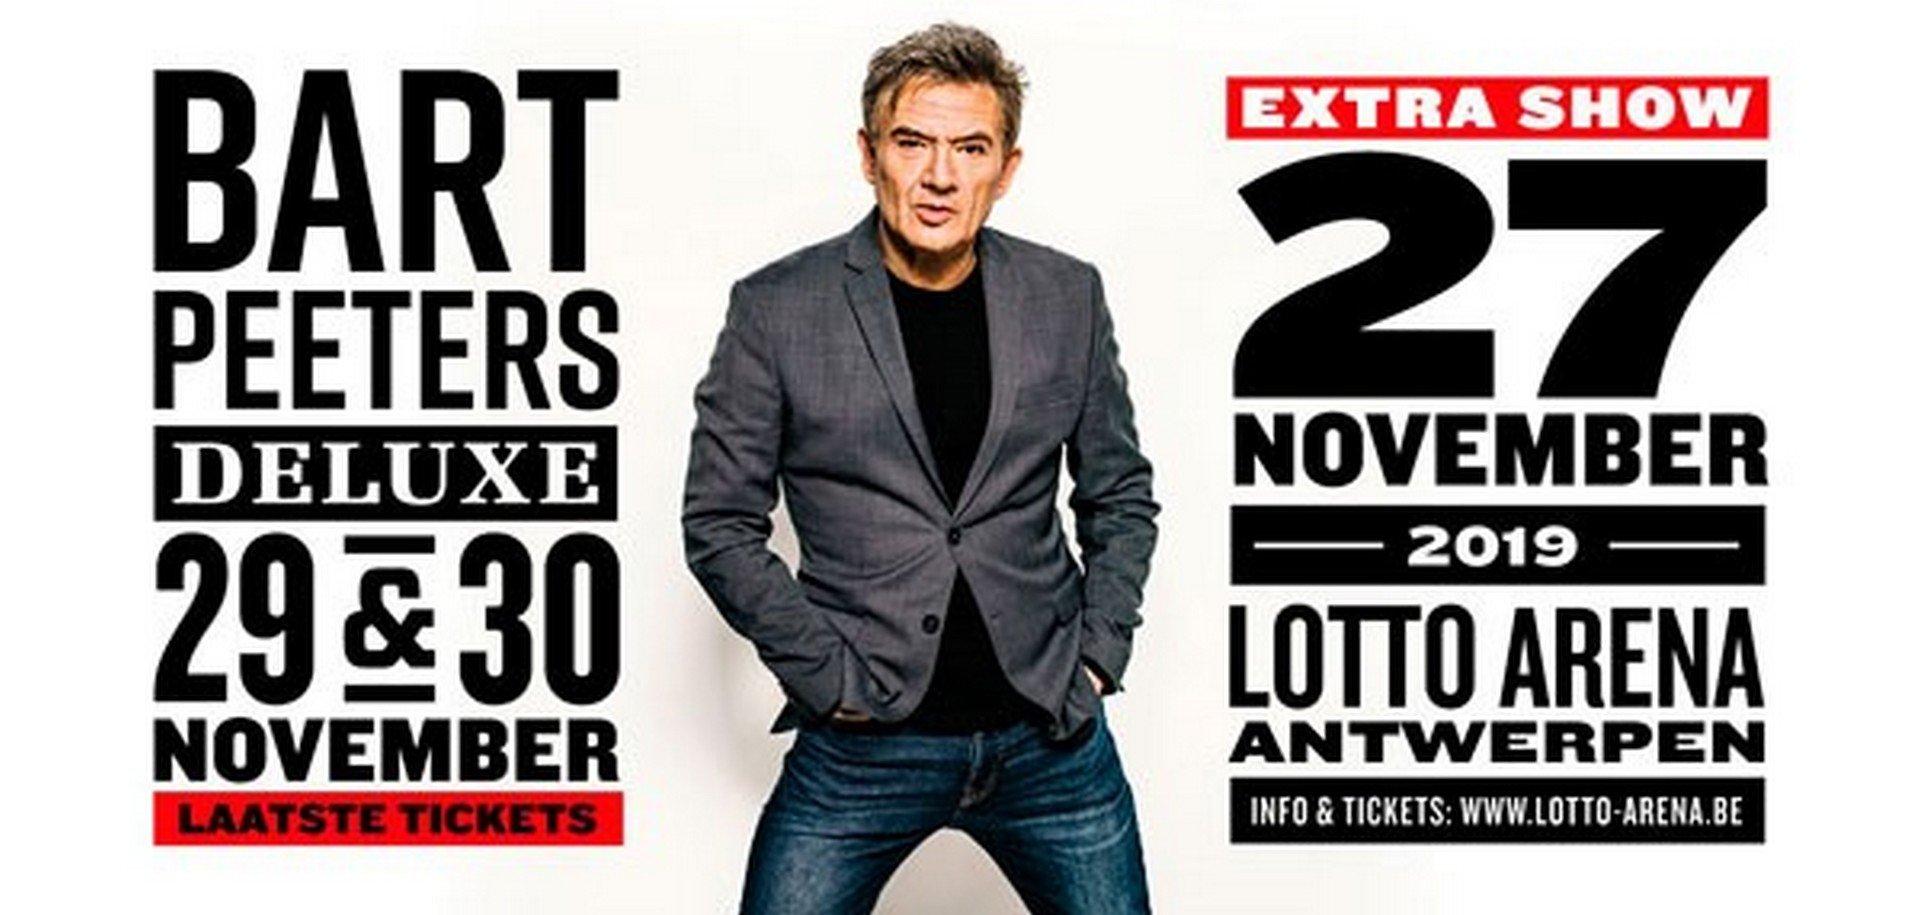 Bart Peeters geeft extra concert in de Lotto Arena - Bart Peeters 2